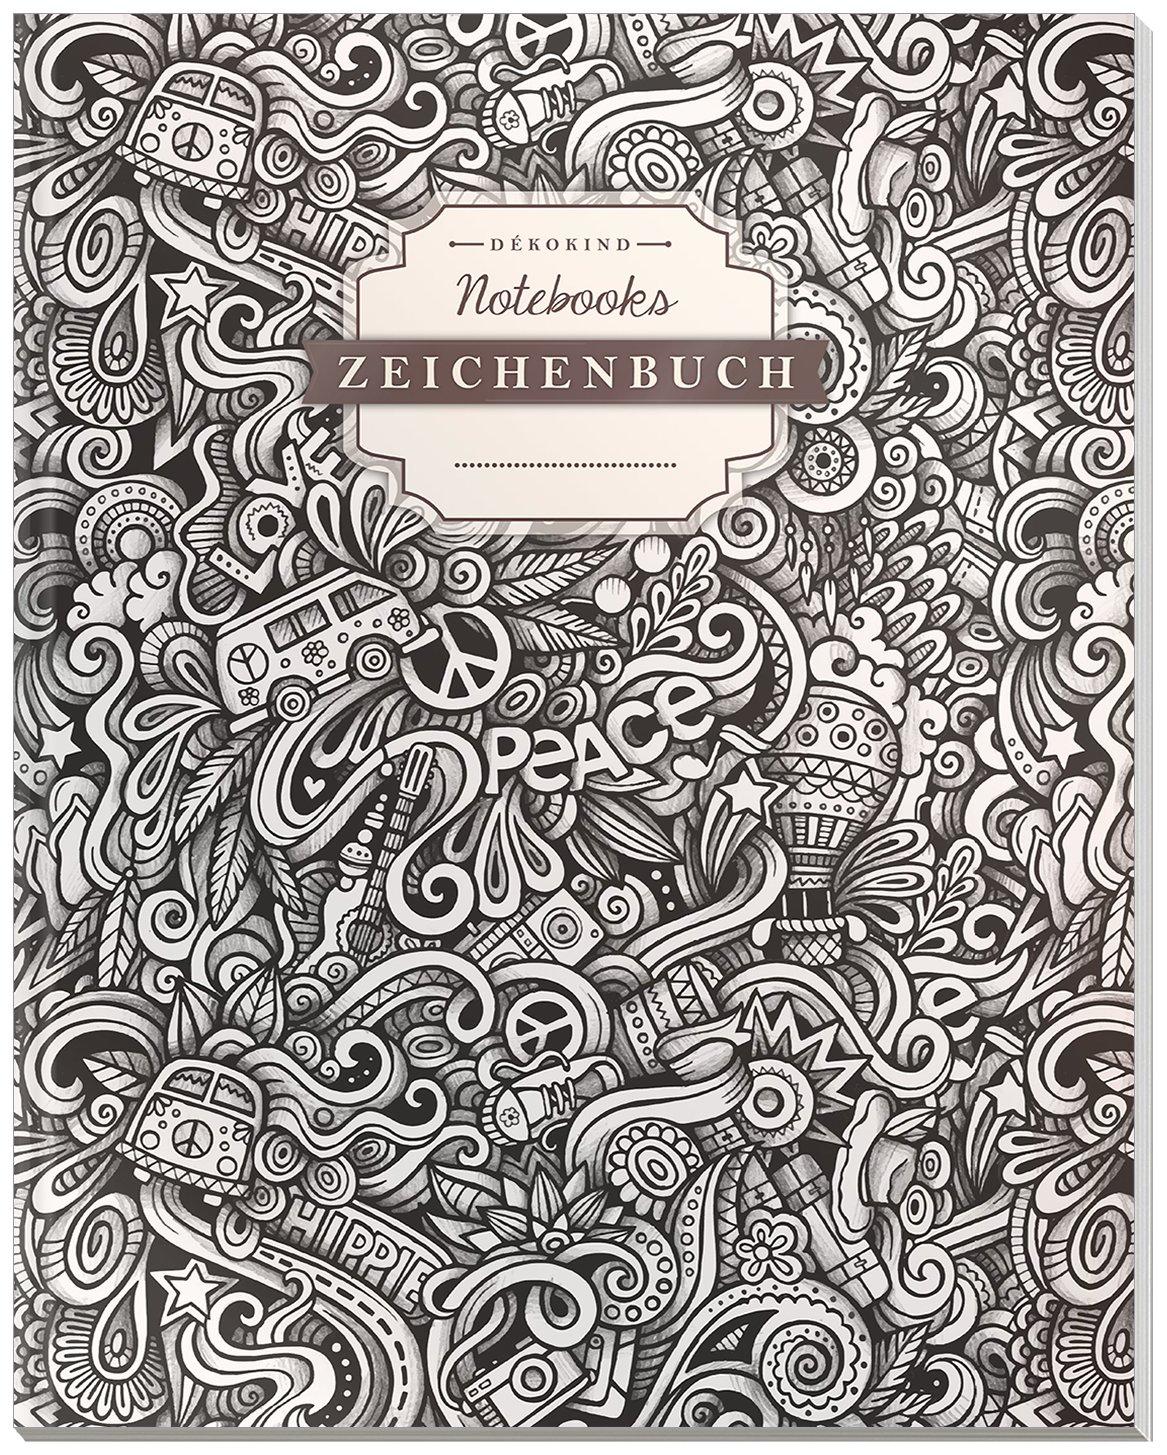 Großartig Elektrisches Zeichenbuch Zeitgenössisch - Der Schaltplan ...